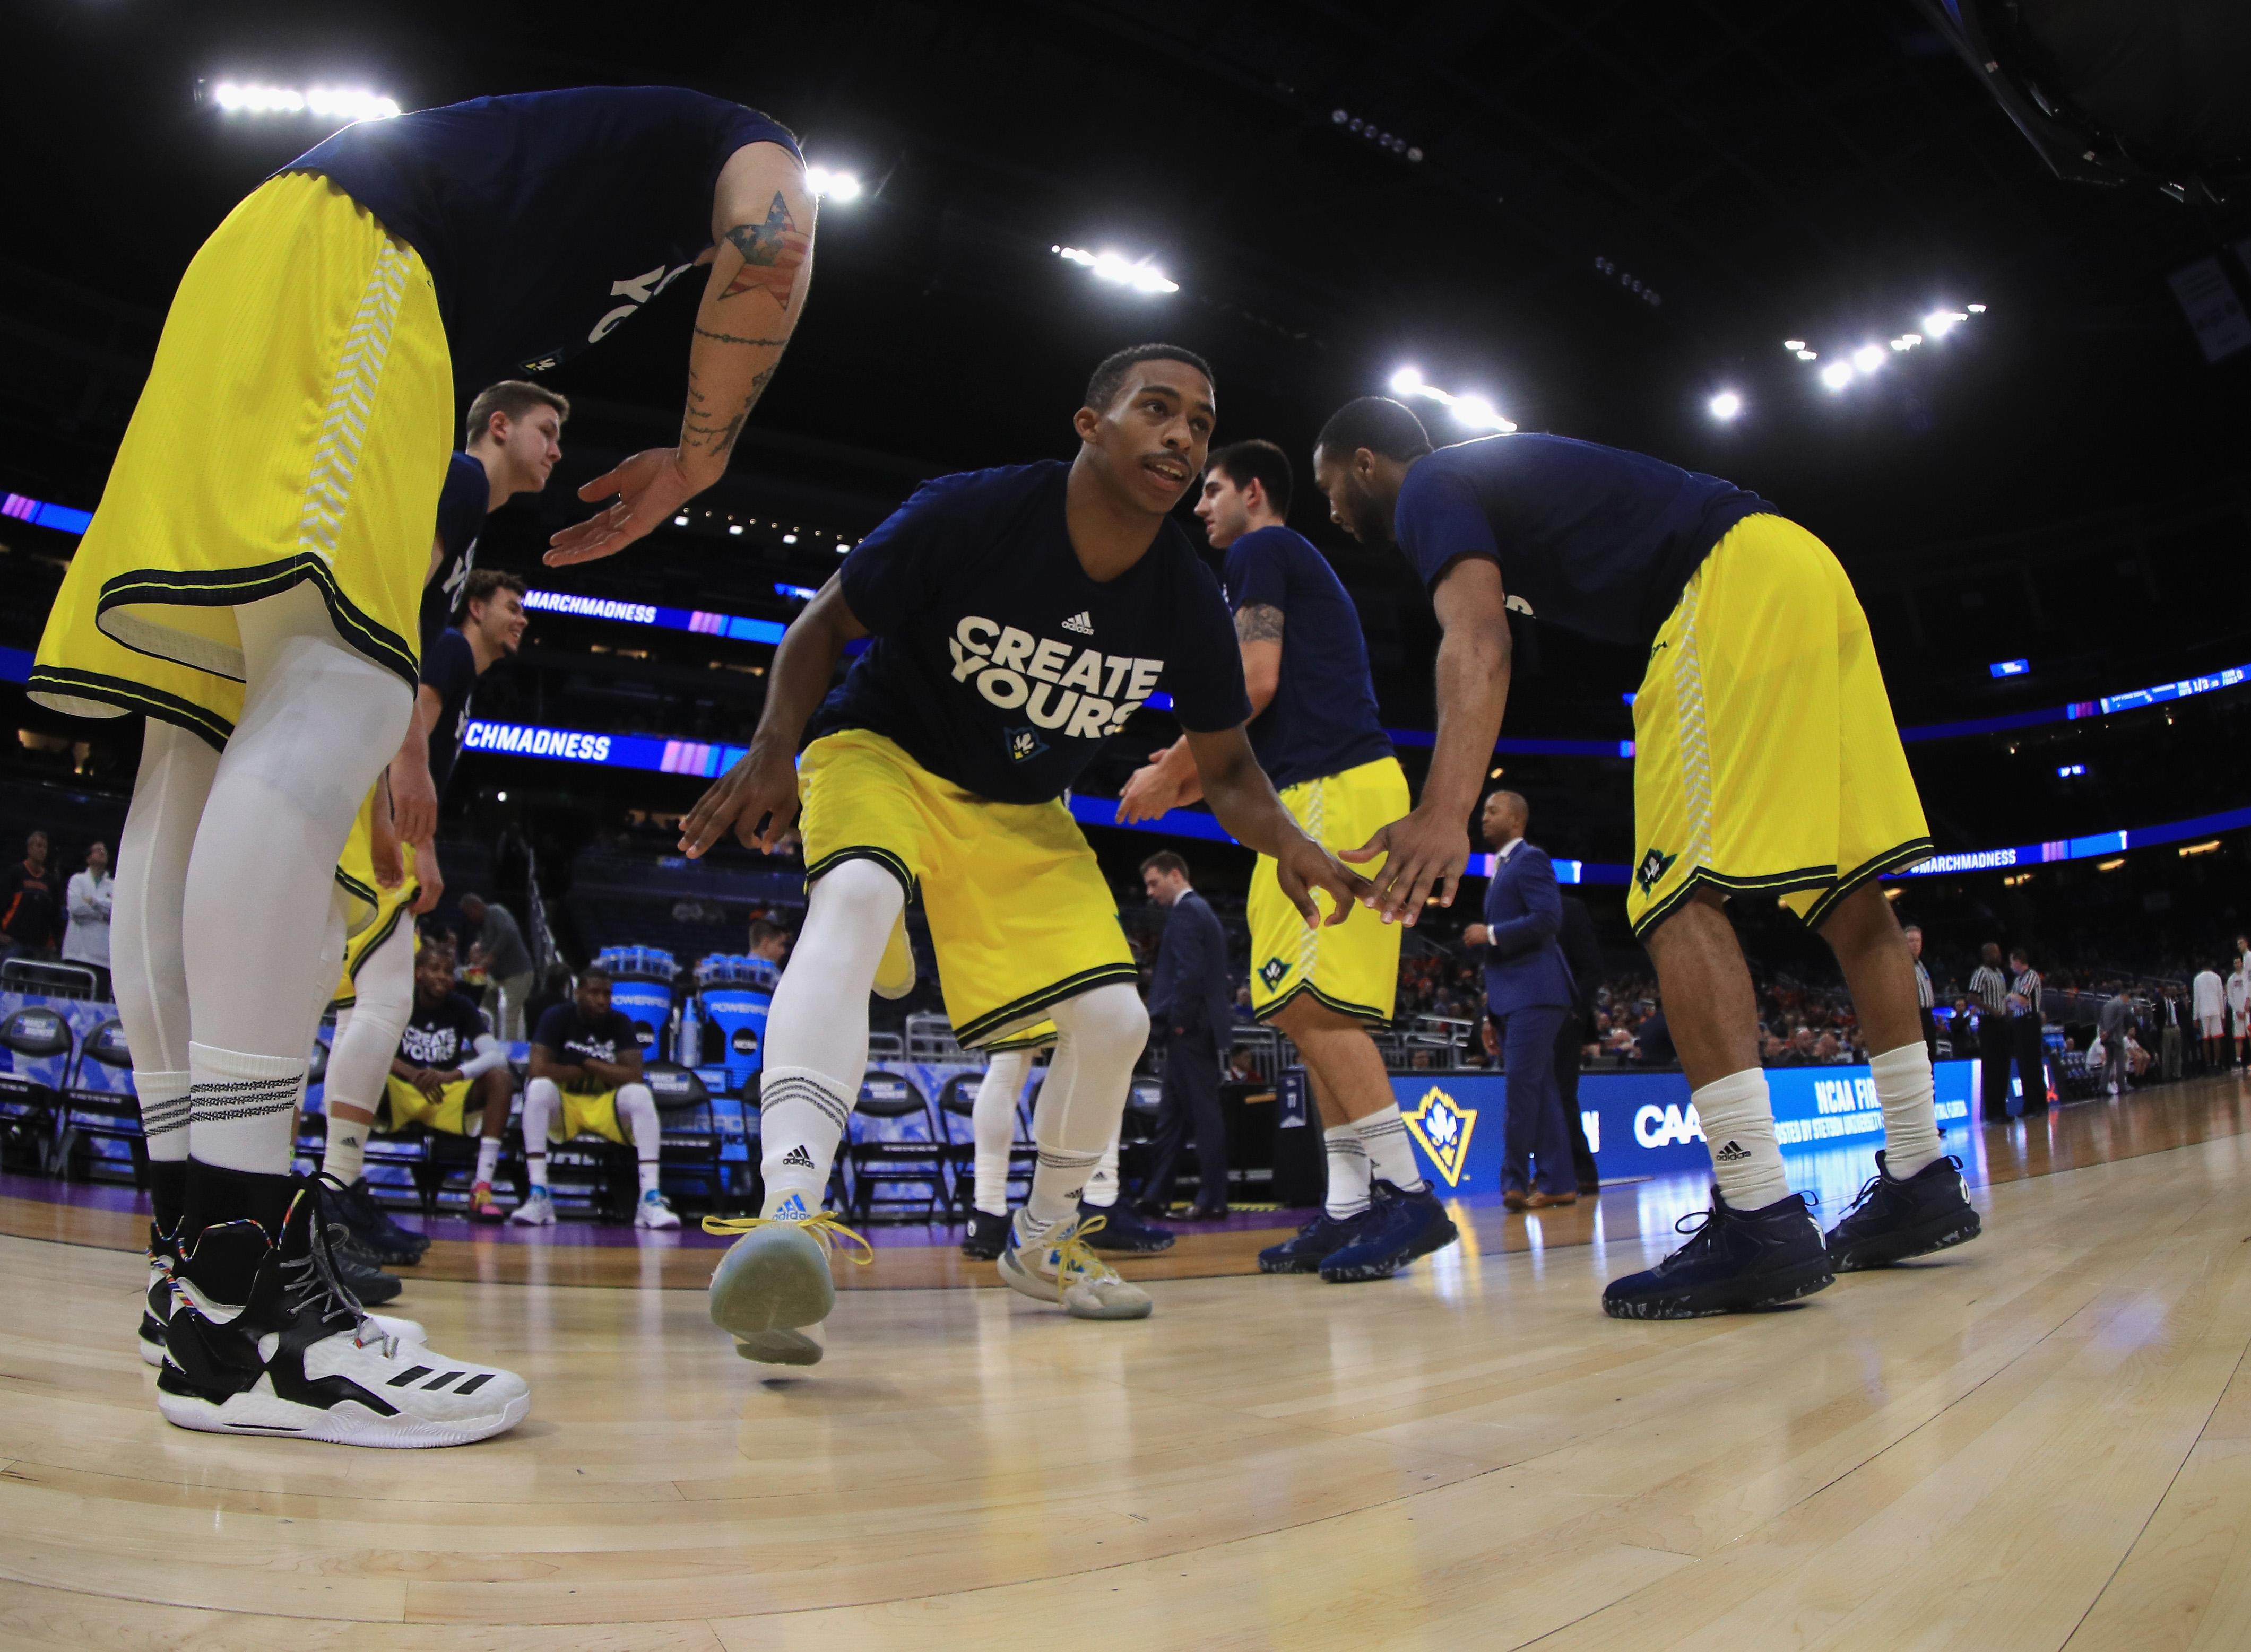 NCAA Basketball Tournament - UNC Wilmington v Virginia